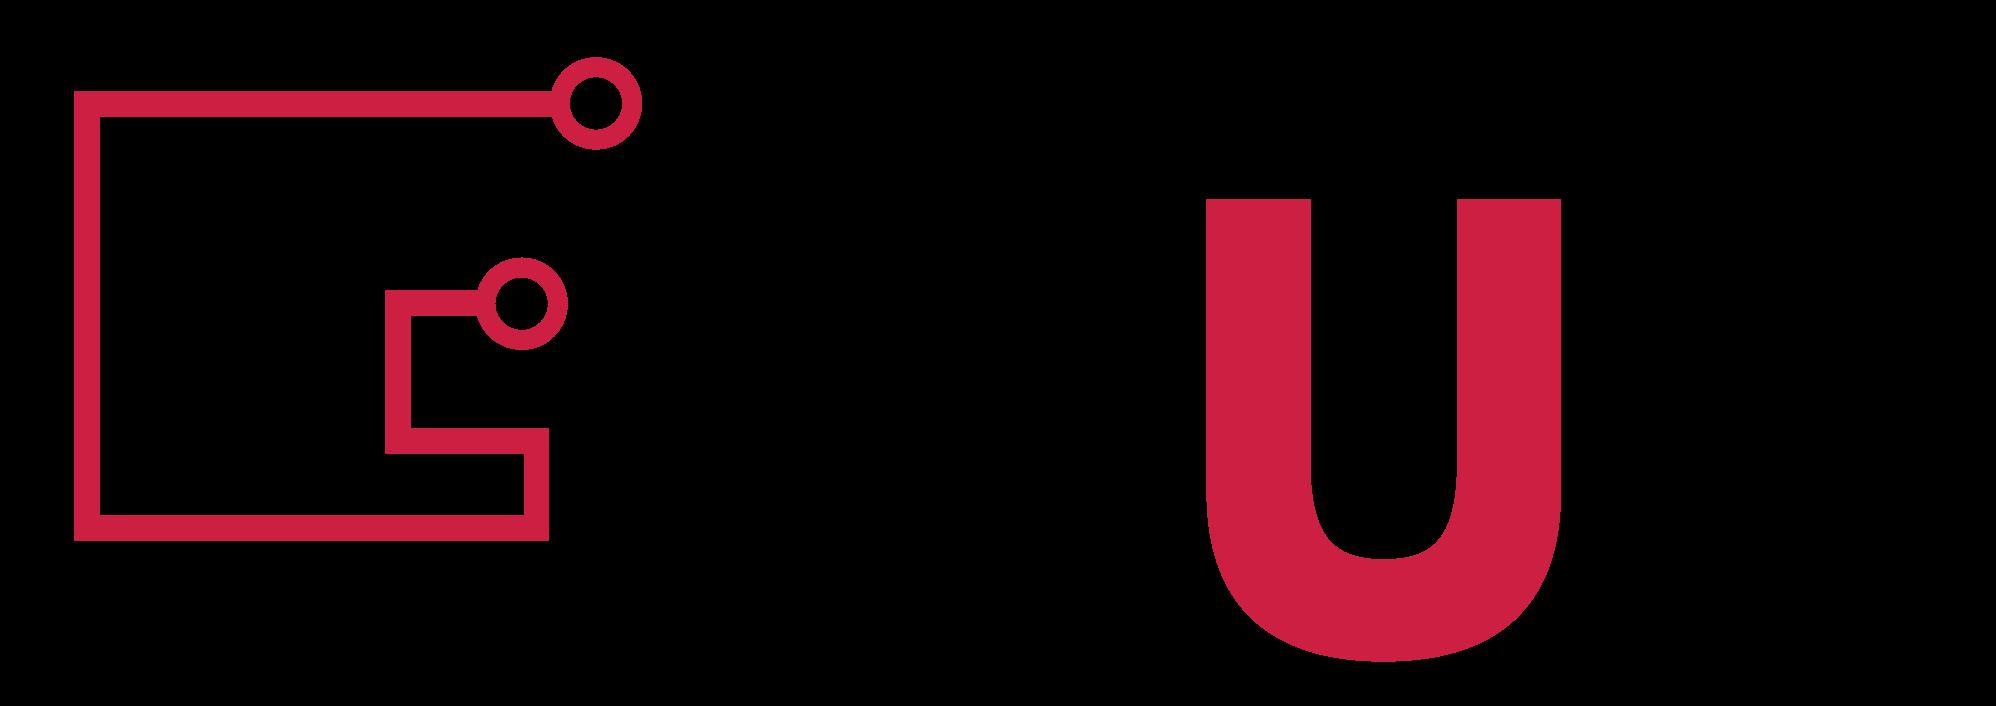 Staunton Innovation Hub Logo